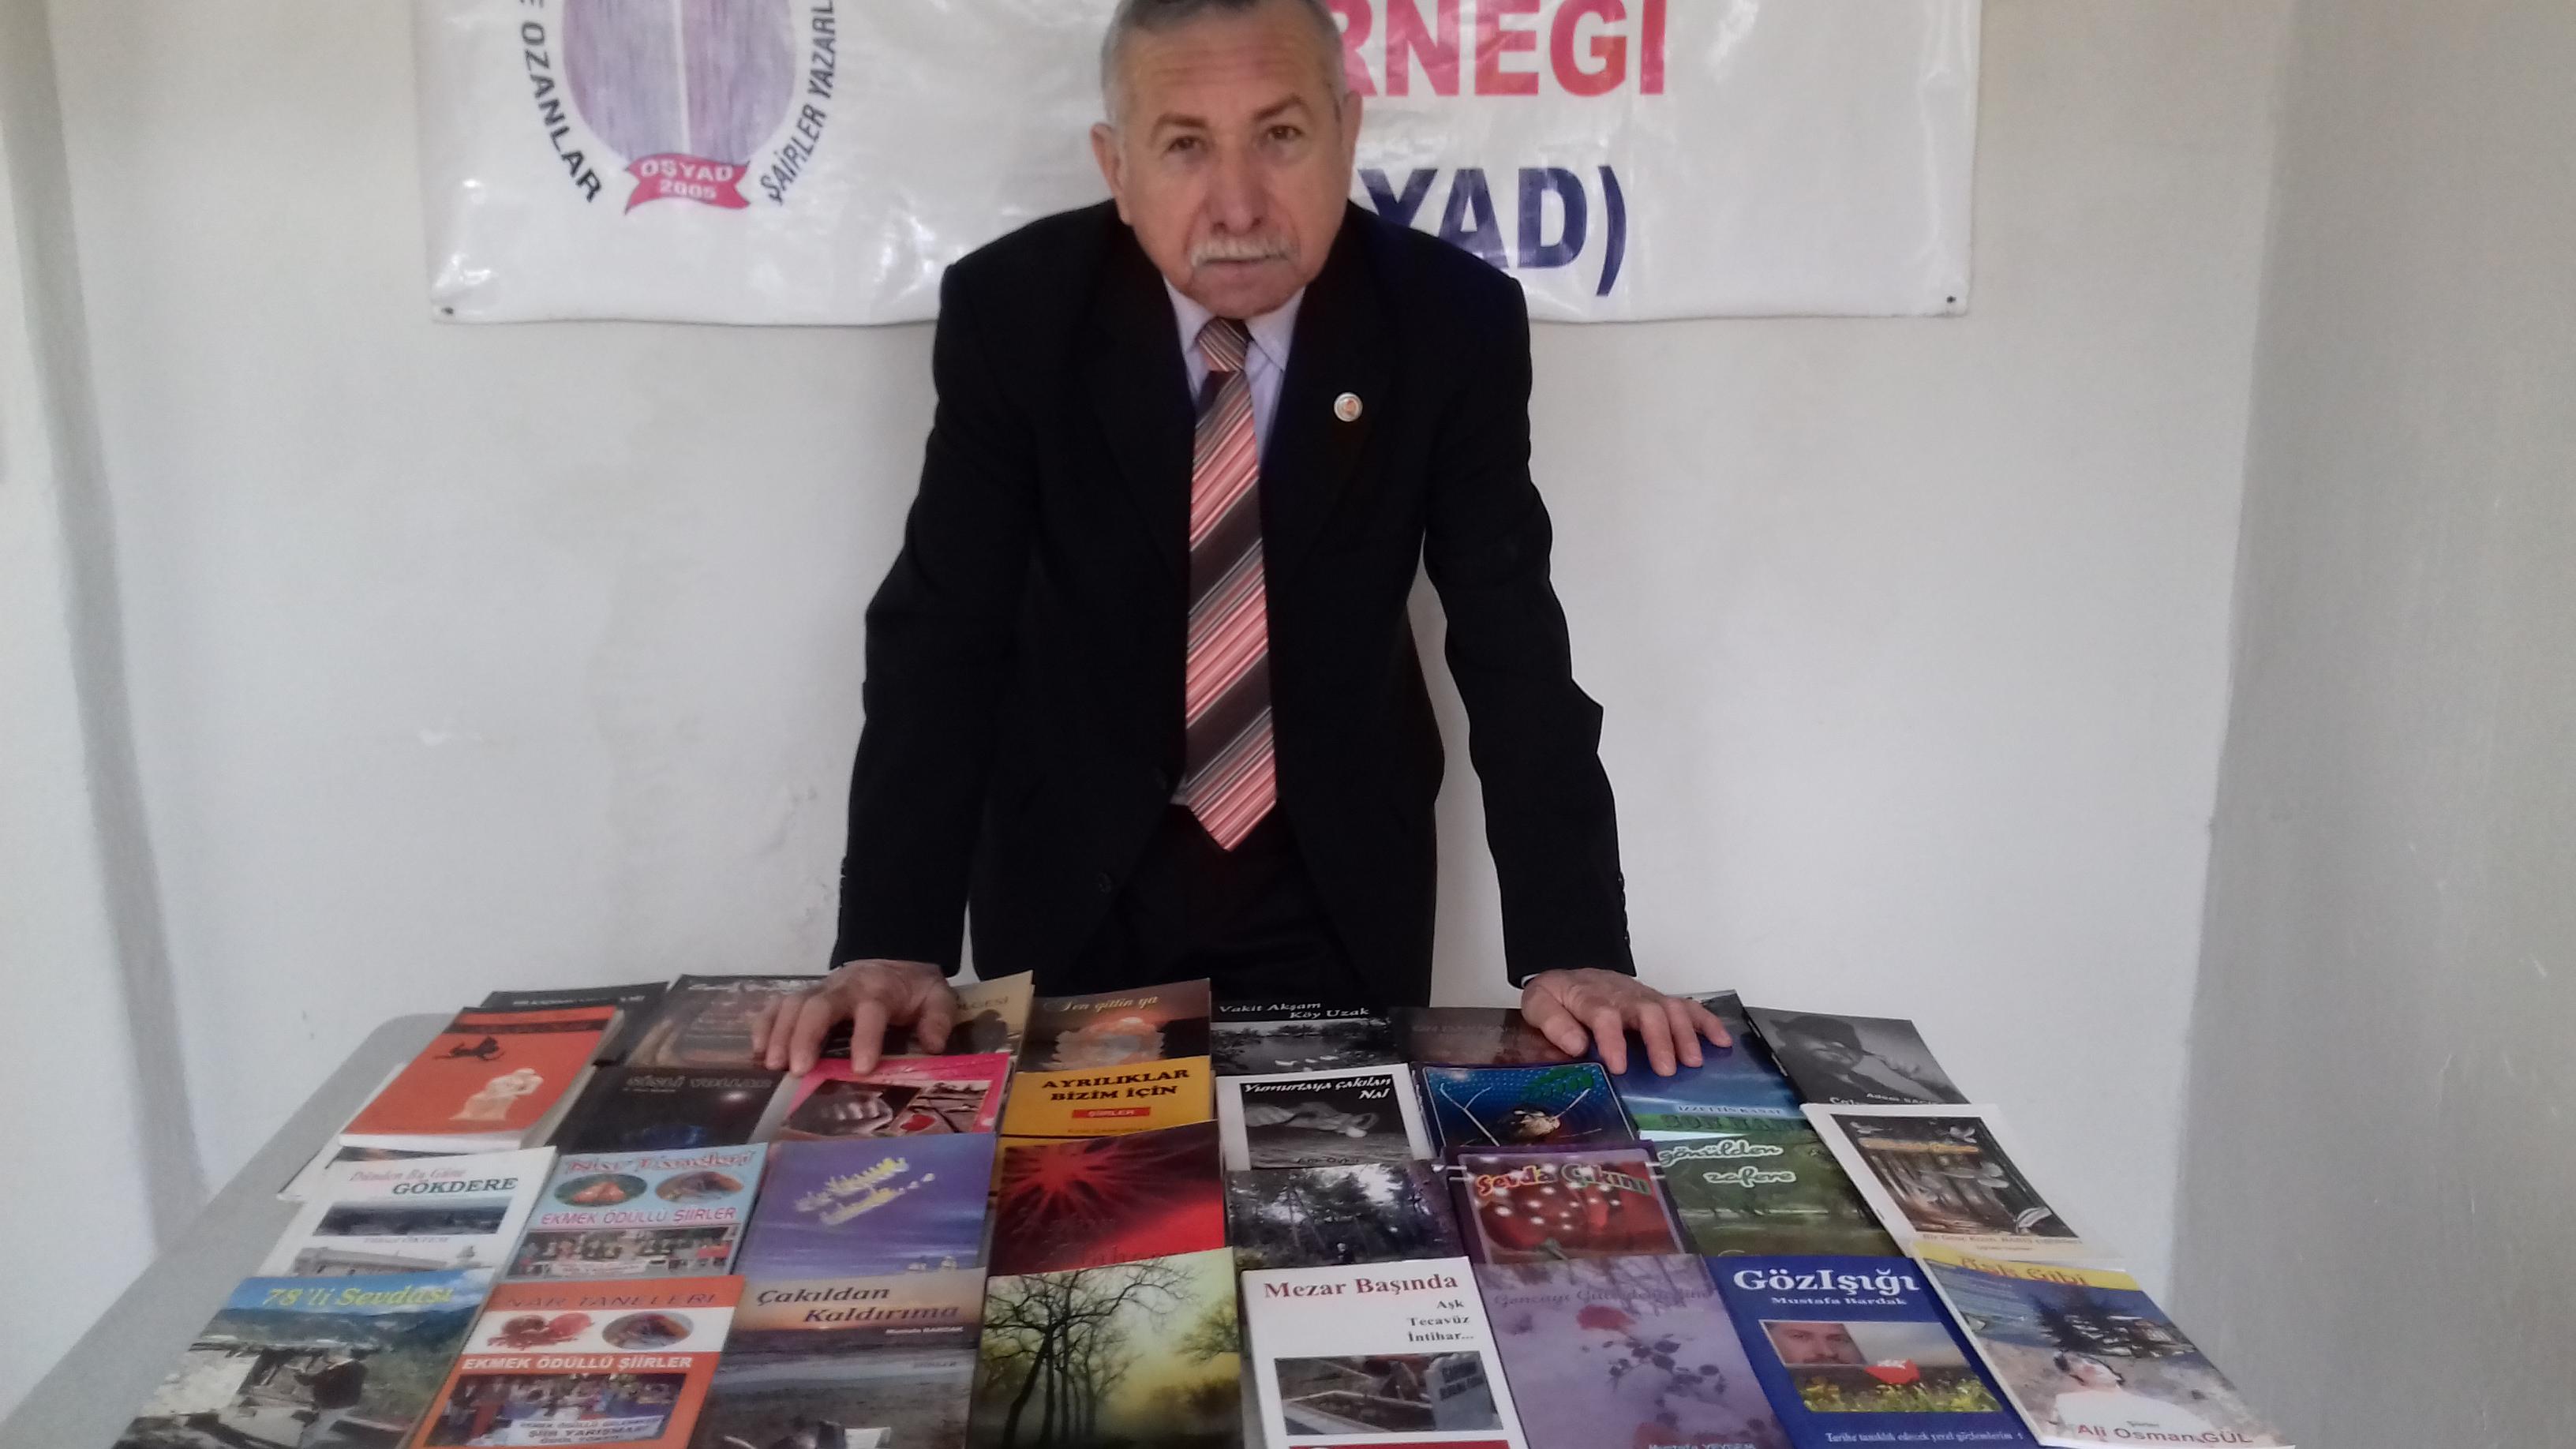 OŞYAD'lı  41 Yazar, Eser Sahibi Oldu